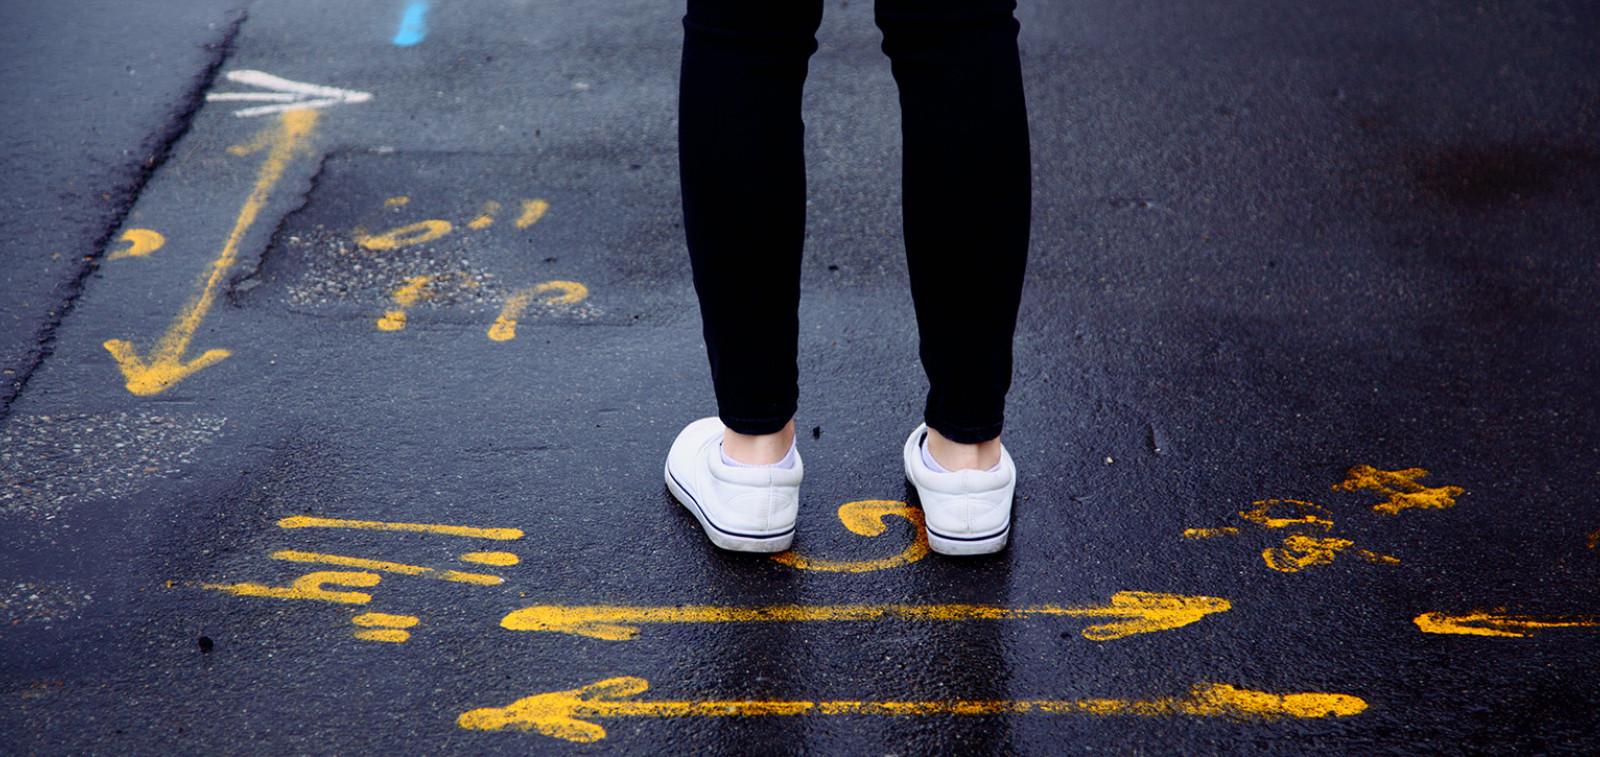 Henkilö seisoo asfaltilla, jossa merkintöjä